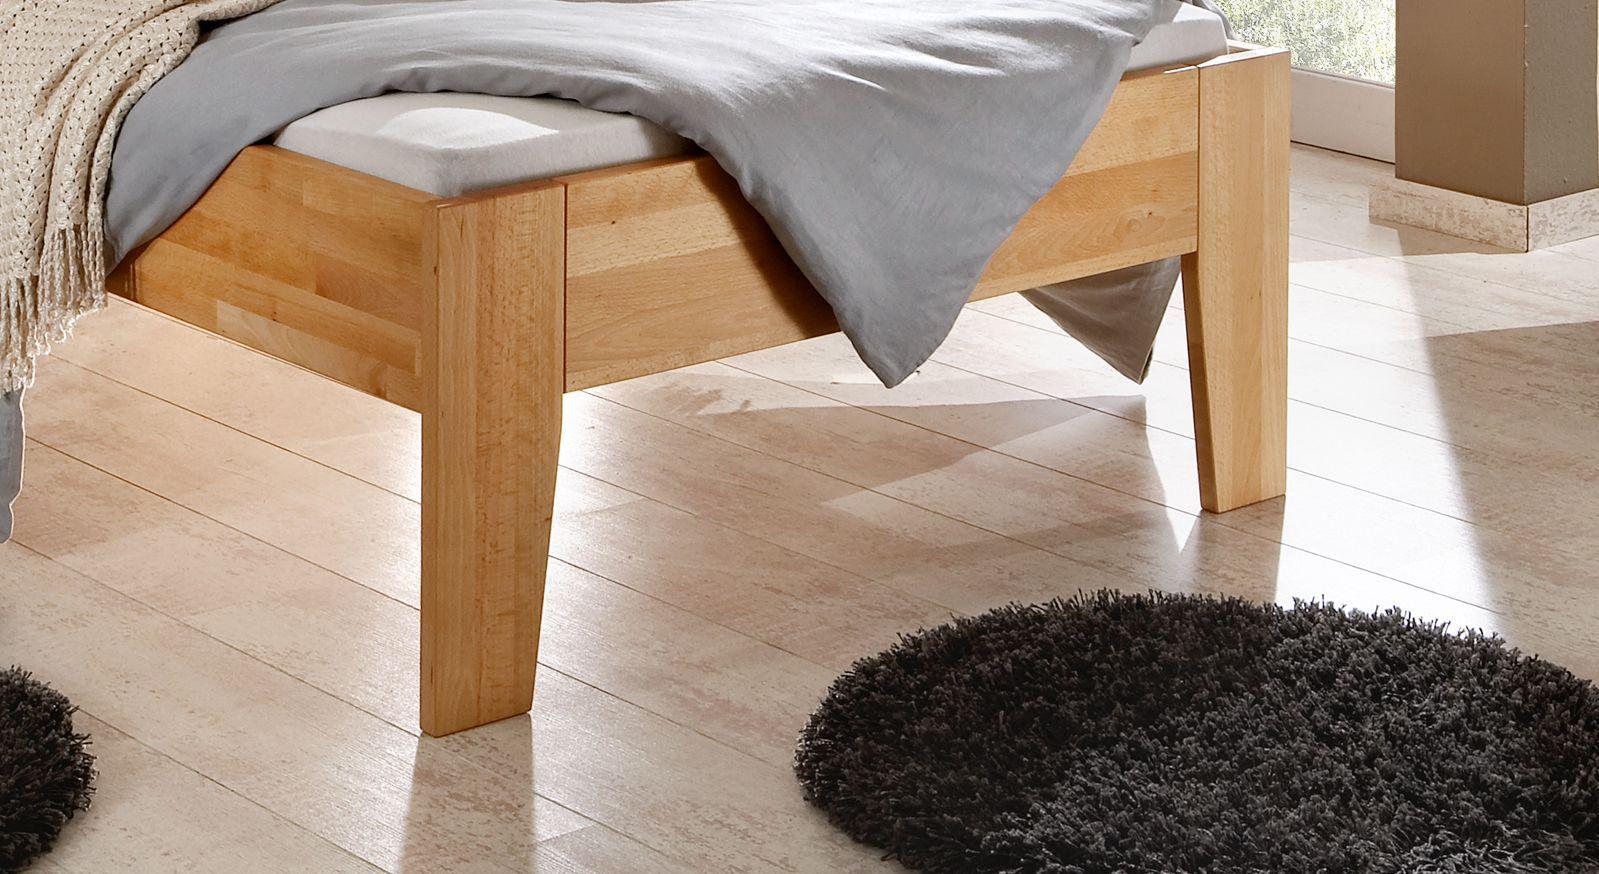 Seniorenbett Tessin Buche natur Komforthöhe Bettbeine Füße aus Massivholz